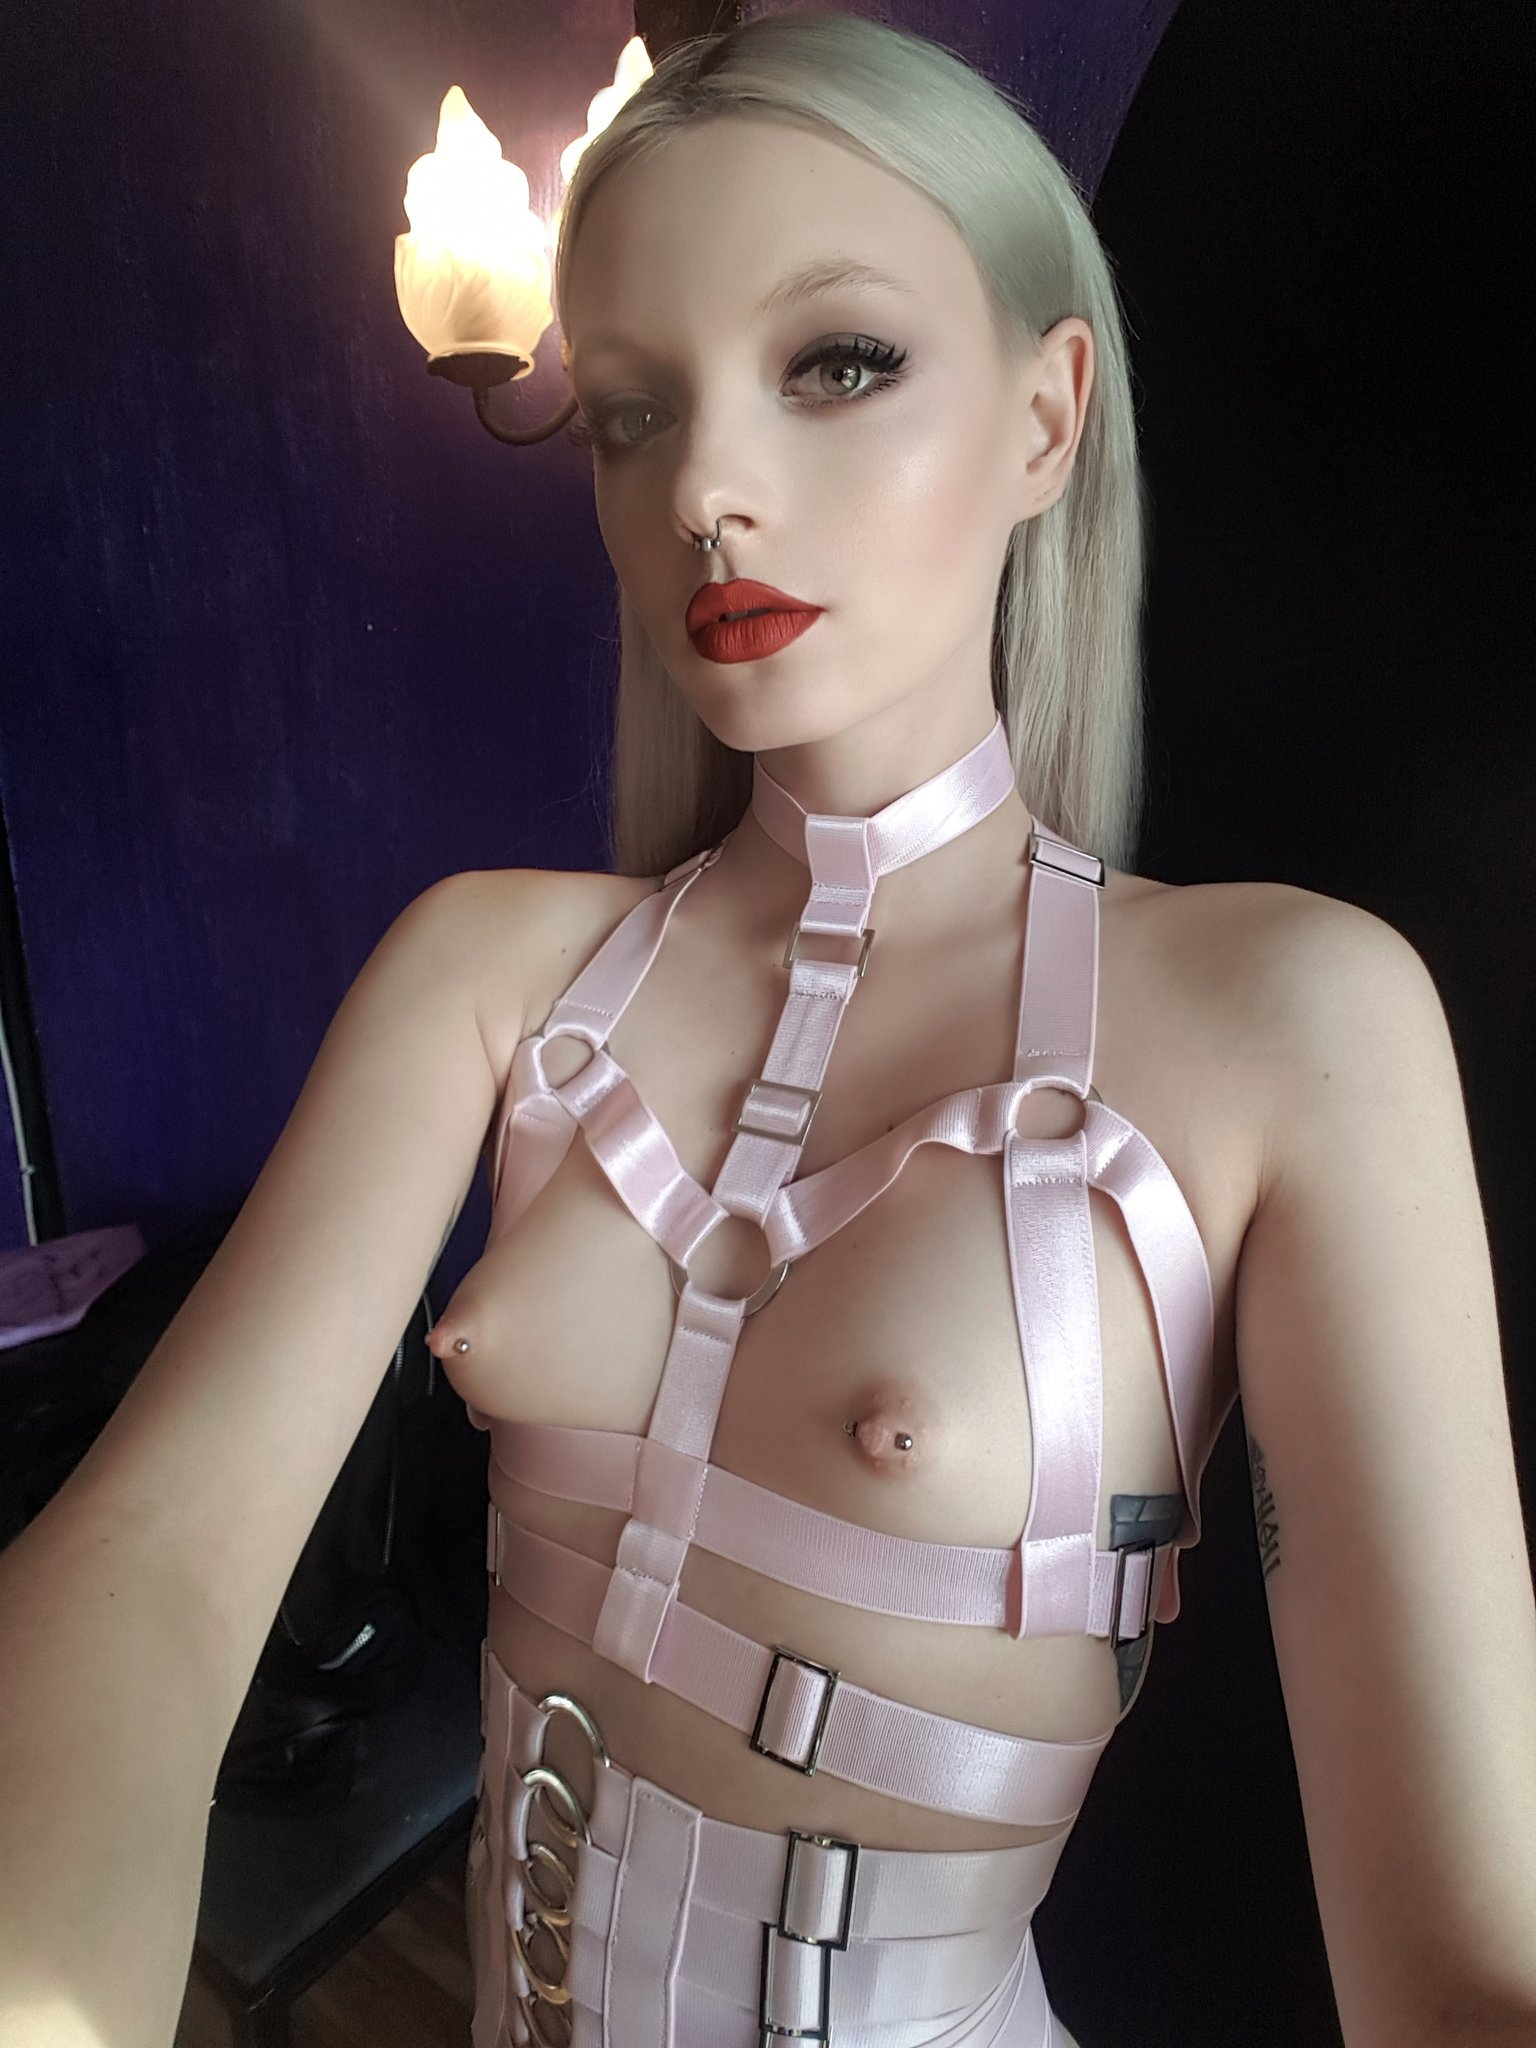 Fuck Teale Coco nude photos 2019